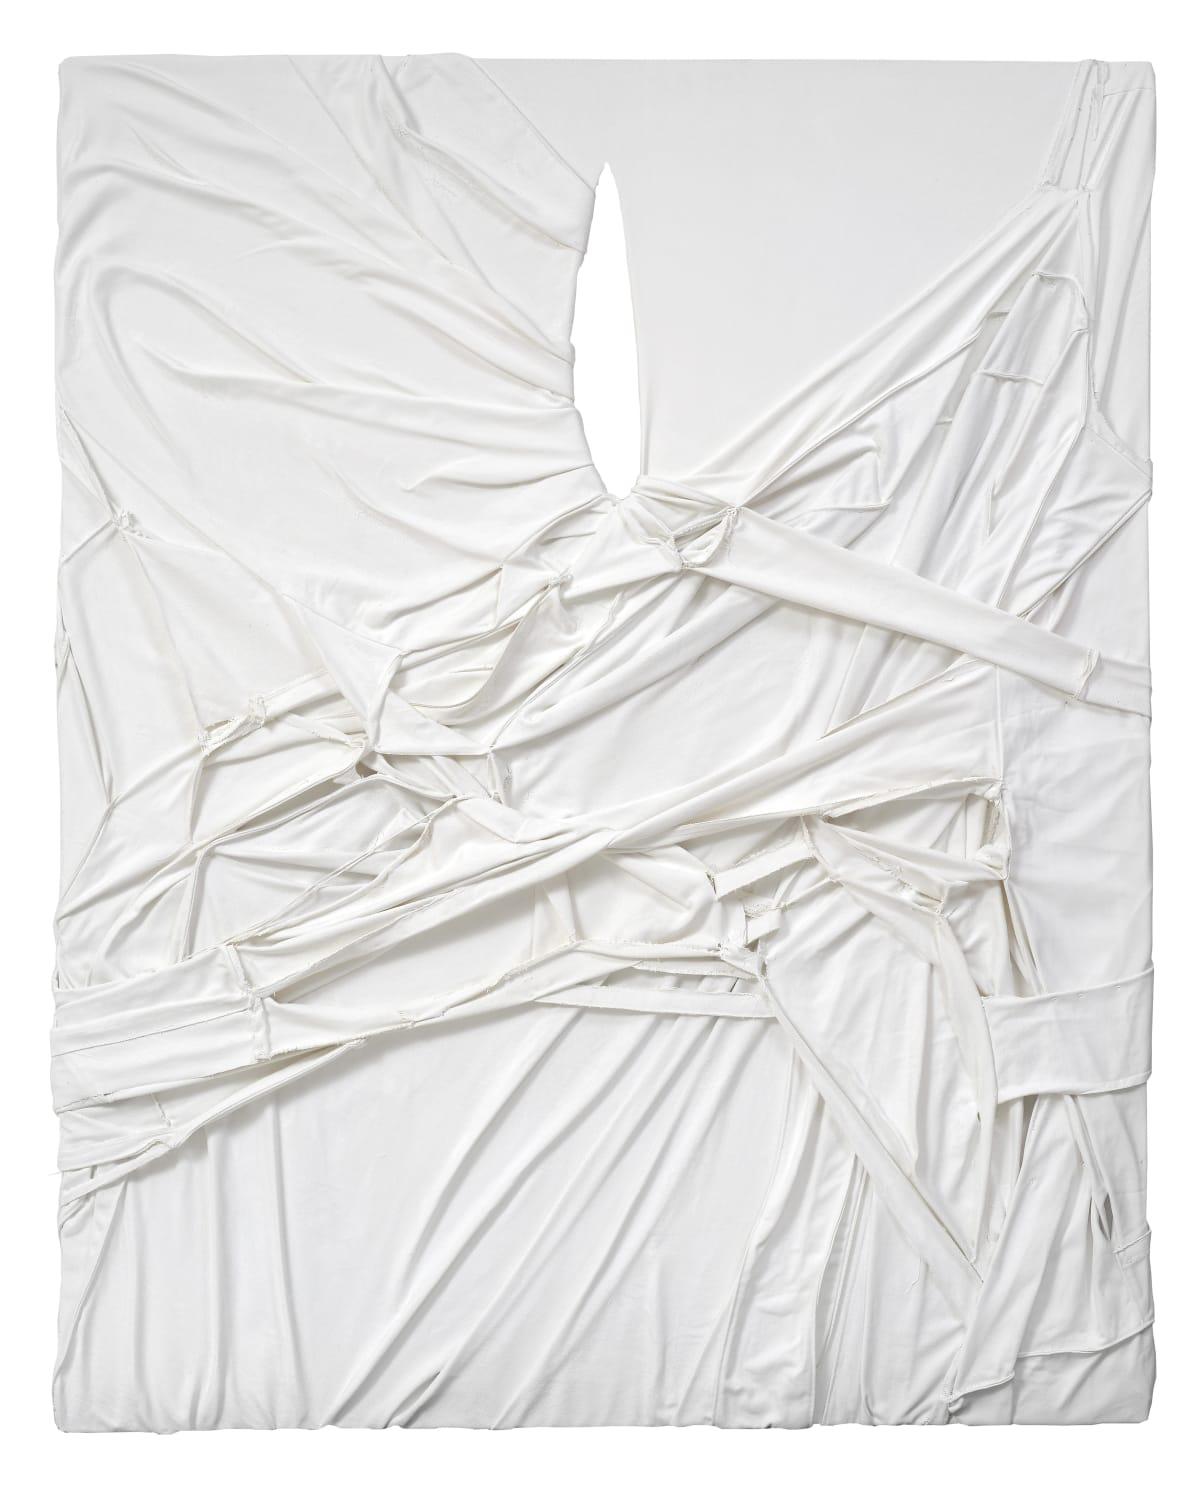 Stella Zhang 張爽, 0-Viewpoint-3-1 0-視點-3-1, 2010